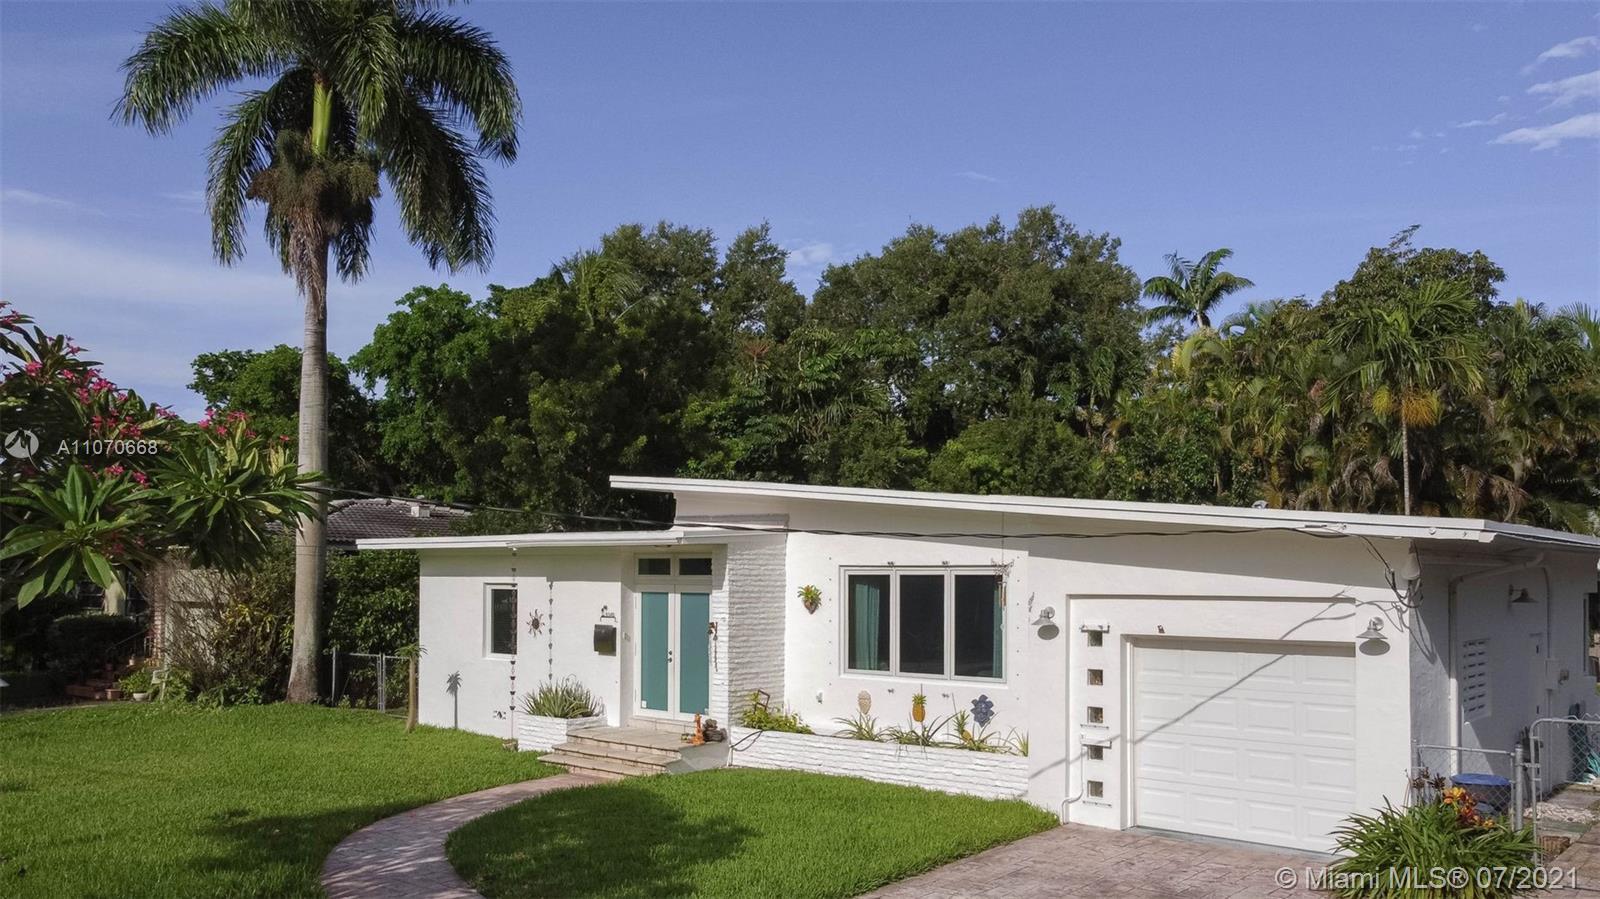 Miami Shores - 9340 NE 9th Pl, Miami Shores, FL 33138